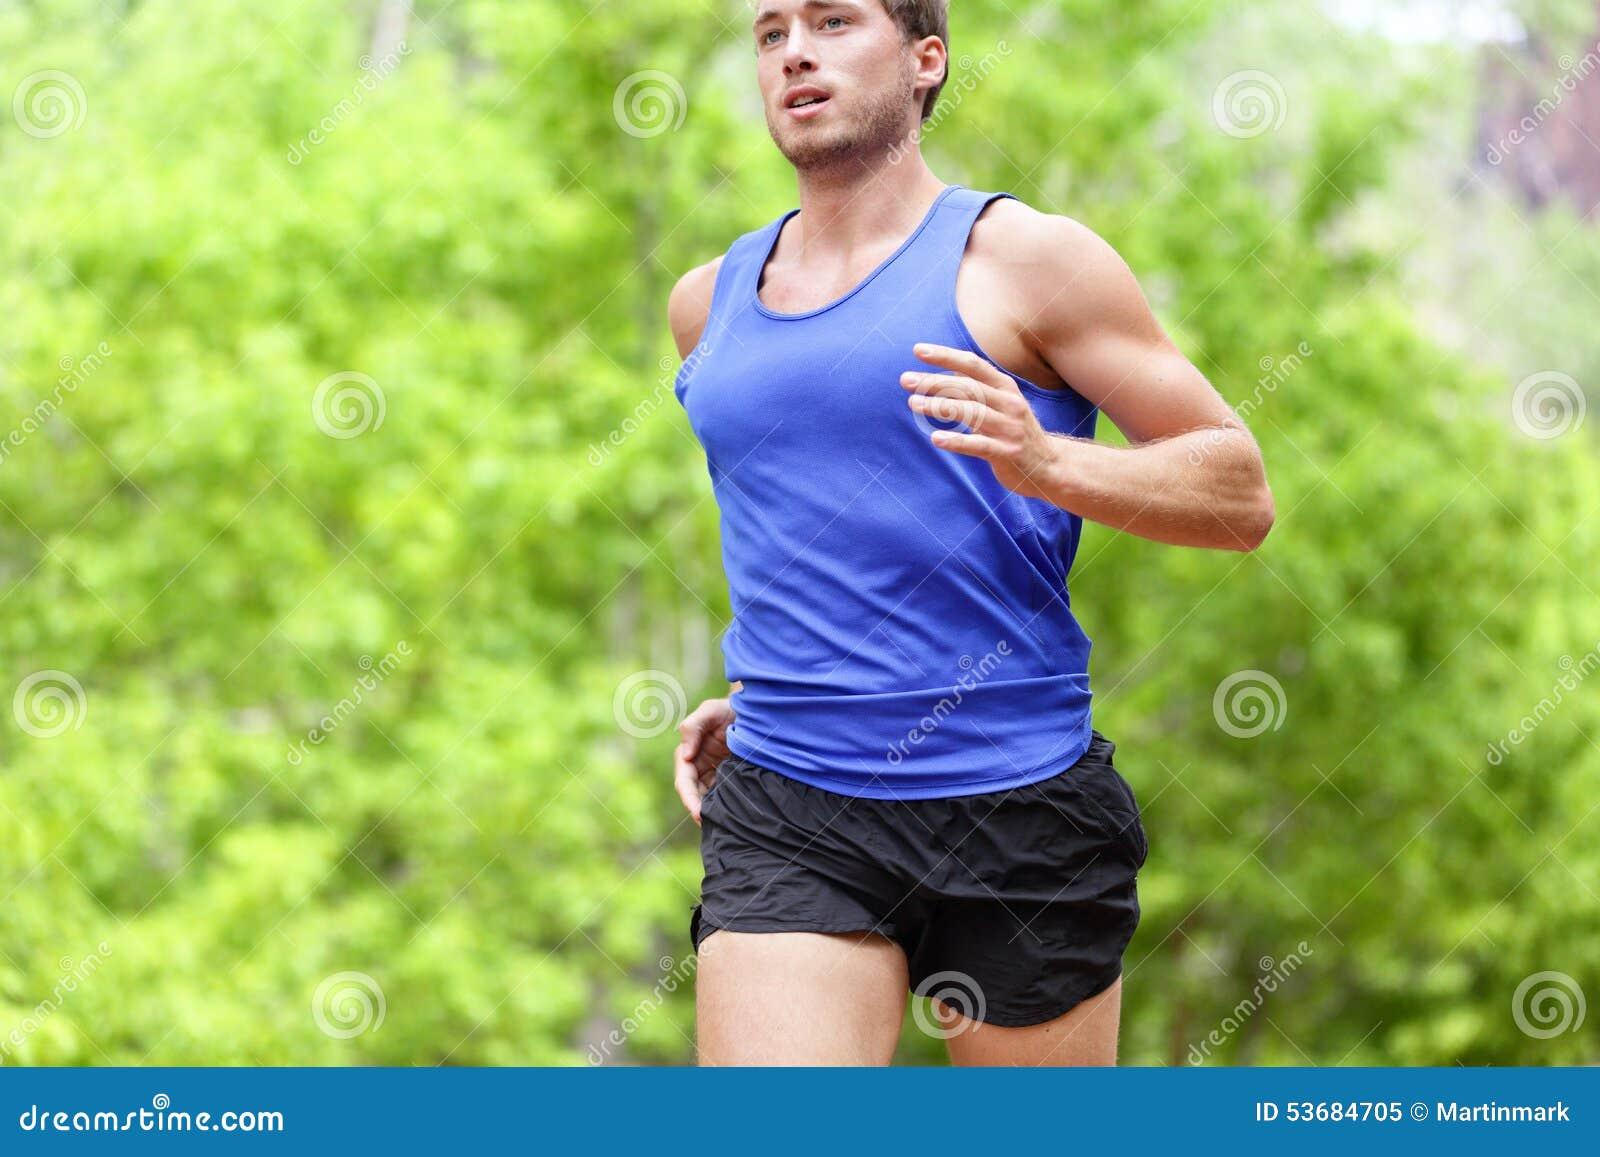 4 Steps to Condense Your Marathon Training Plan | ACTIVE |Marathon Man Running